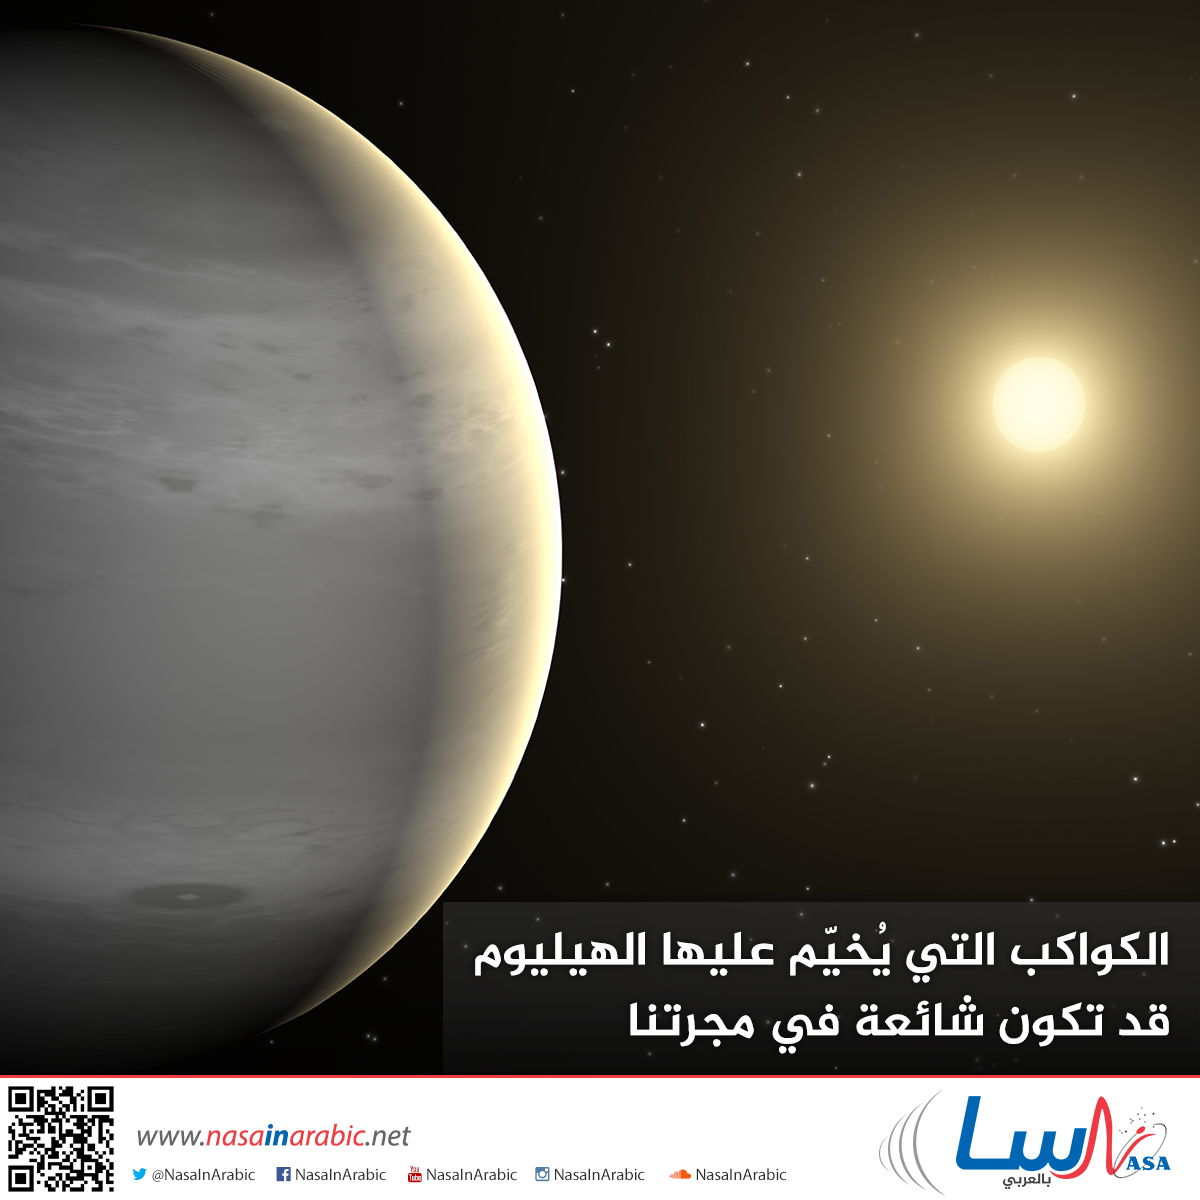 الكواكب التي يُخيّم عليها الهيليوم قد تكون شائعة في مجرتنا